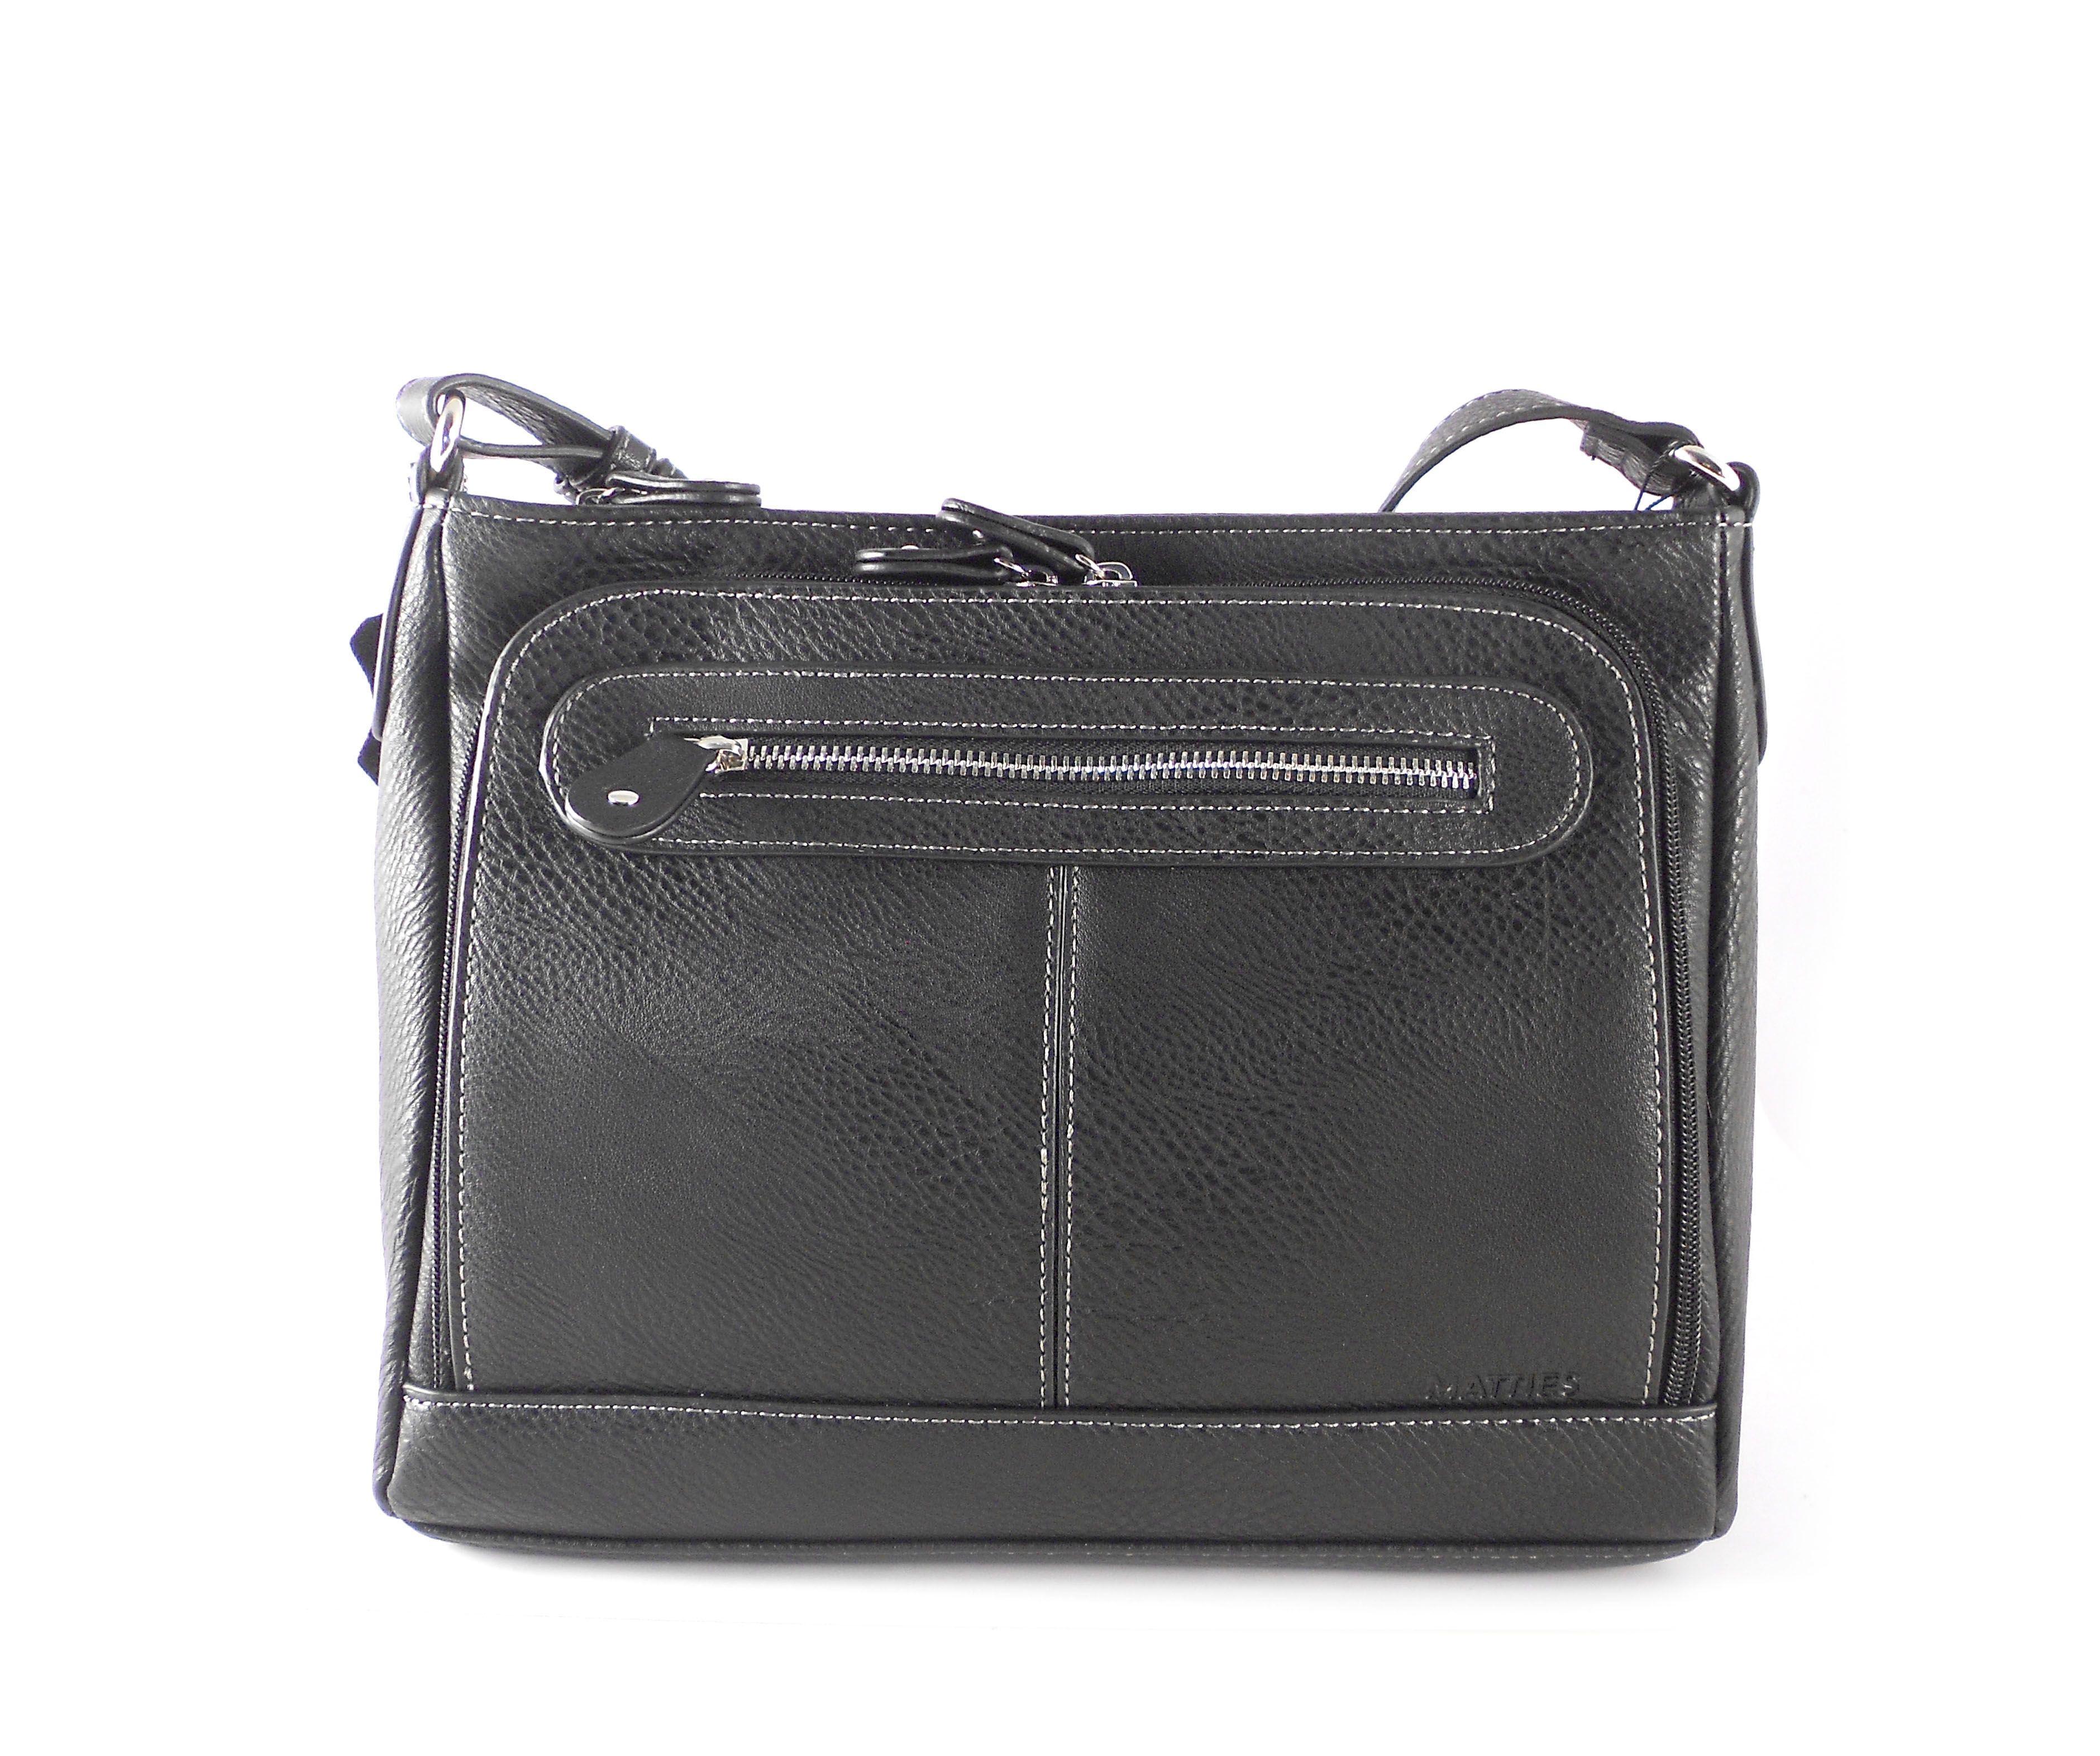 923916ea7 Bandolera mediana para mujer Matties Bags serie Classic